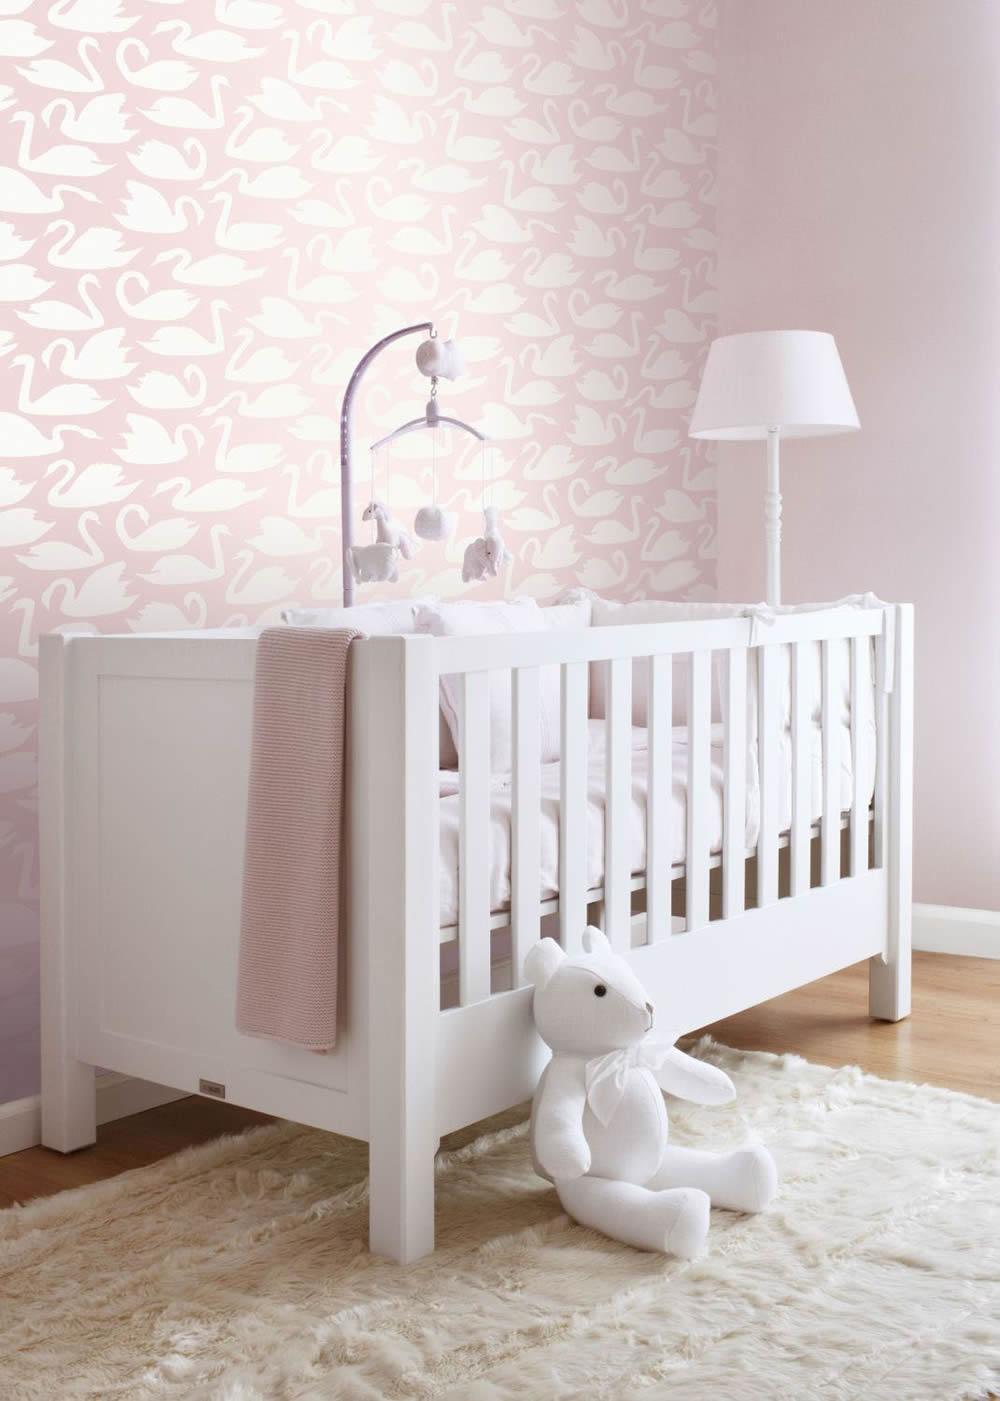 Madchenzimmer Rosa Tiermotive Schwan Weiss Niedlich In 2020 Neutrale Babyzimmer Madchenzimmer Zimmer